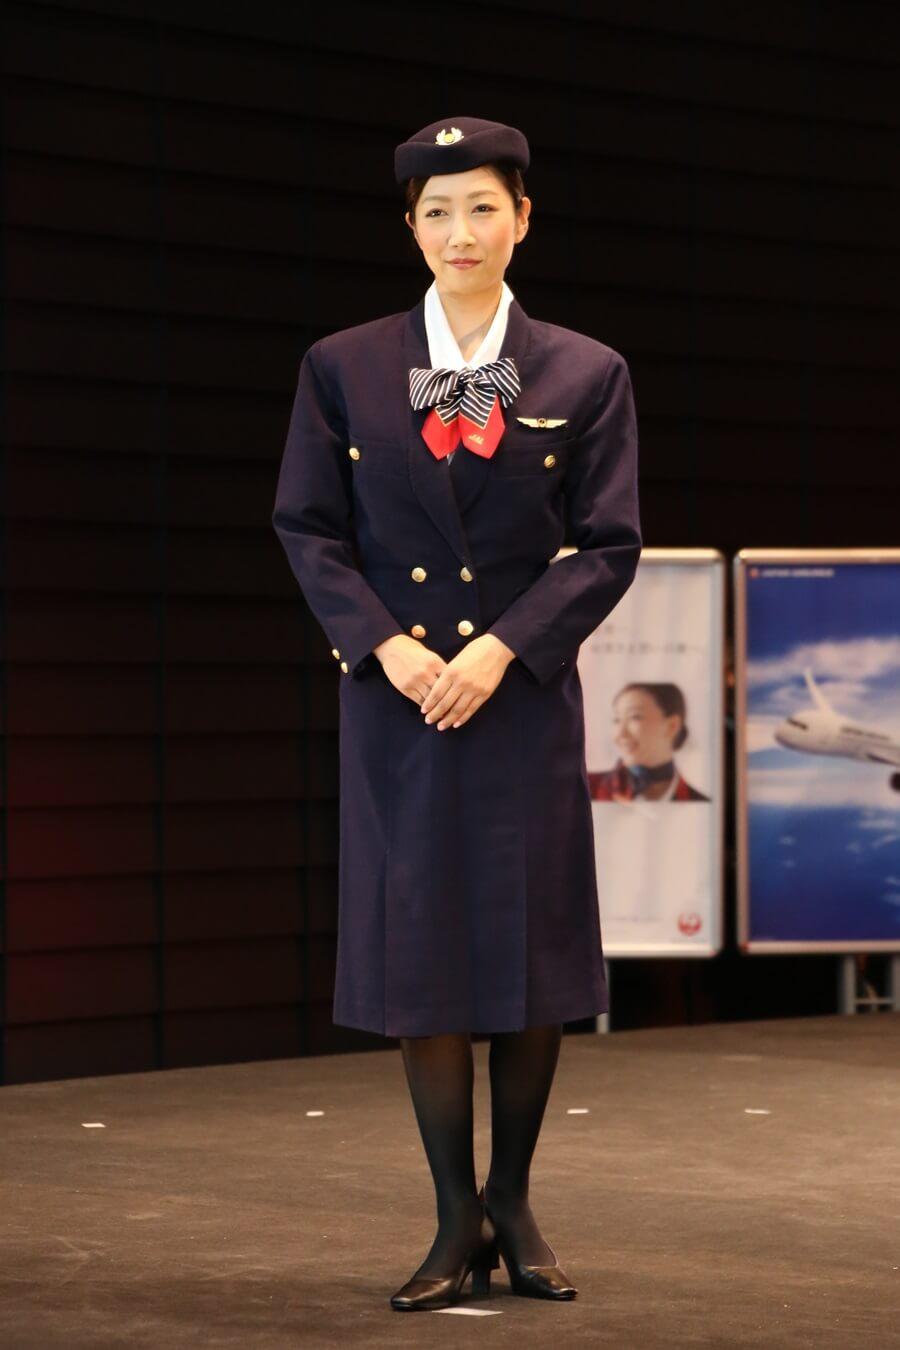 日本航空7代目制服 JALとJEX客室乗務員歴代制服ファッションショー 客室乗務員 スチワーデス 歴代ユニフォーム 制服 空の日フェスティバル JAL fashion show (1)